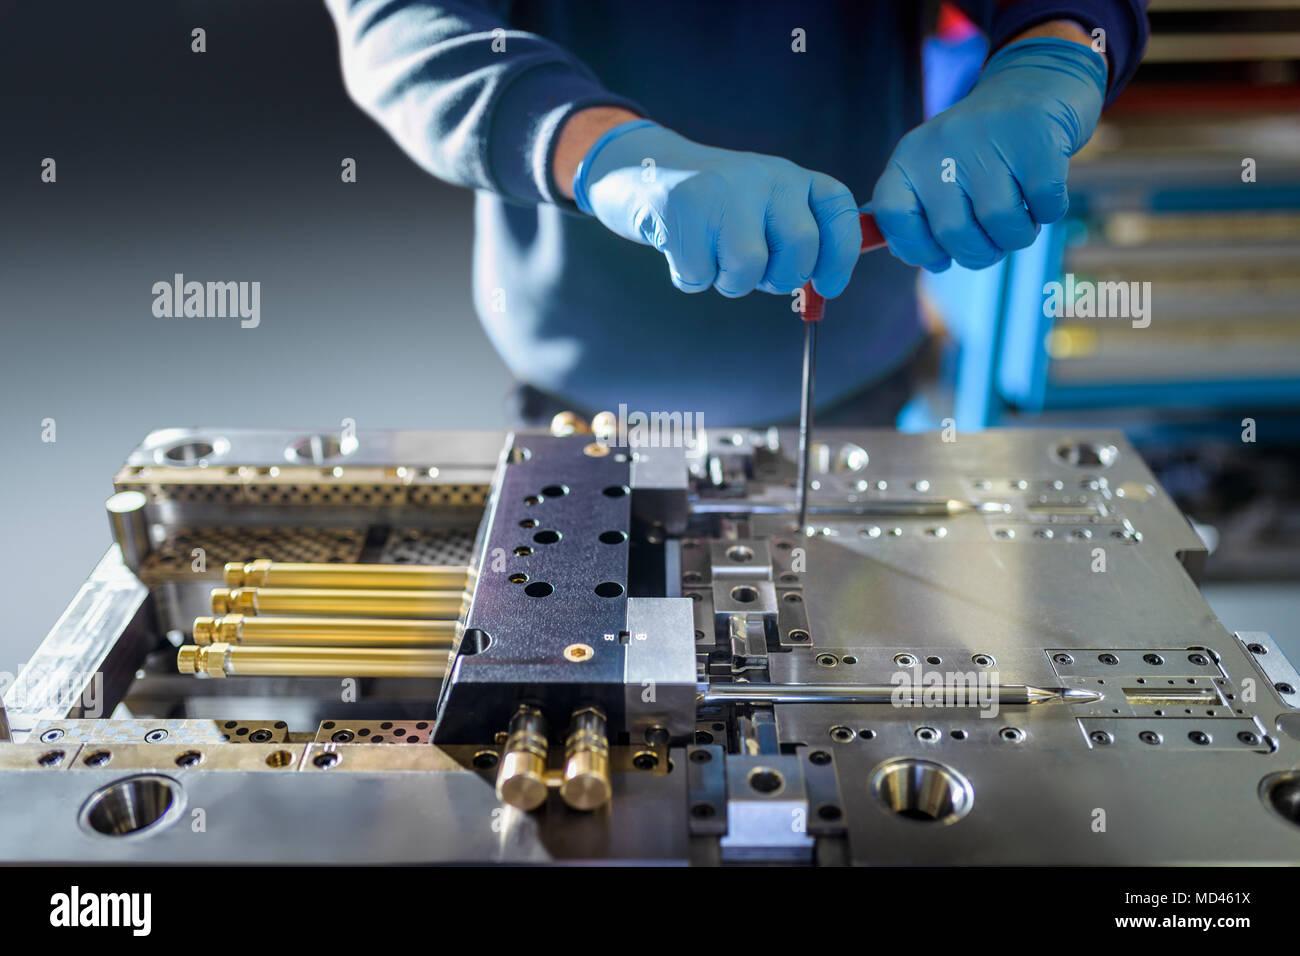 Ingeniero que trabaja en moldes de inyección de plástico en ingeniería de precisión de fábrica, sección intermedia, cerrar Imagen De Stock